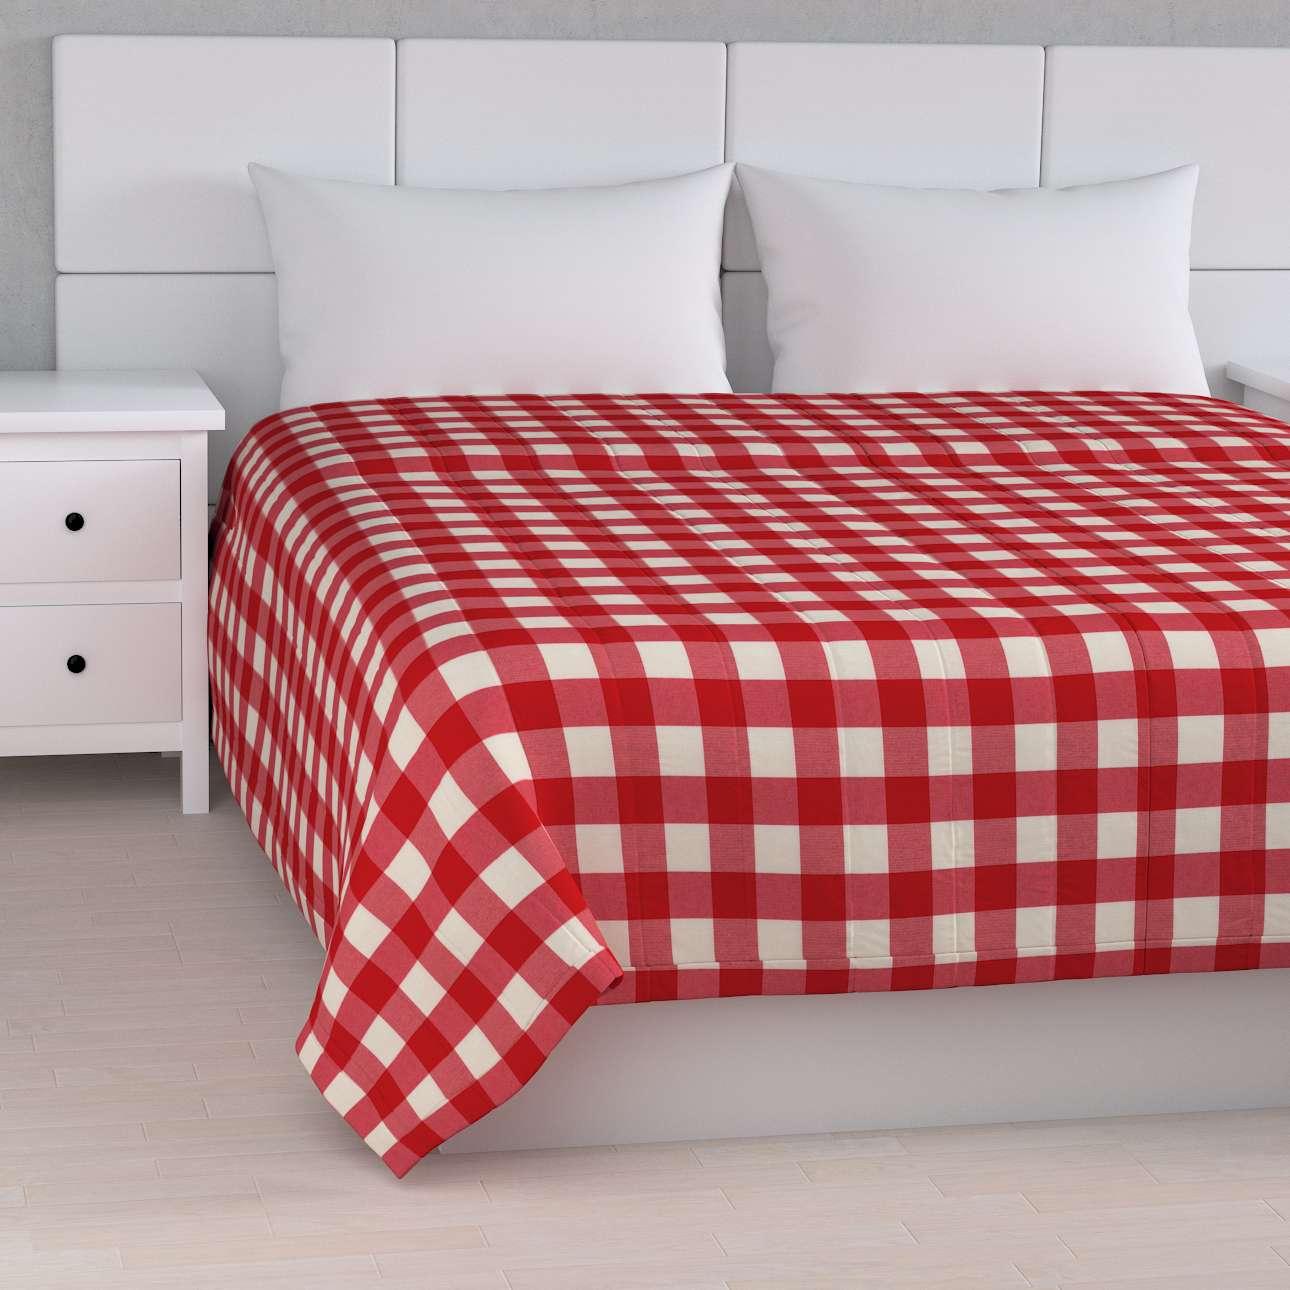 Prehoz na posteľ jednoduchý 260 x 210 cm V kolekcii Quadro, tkanina: 136-18